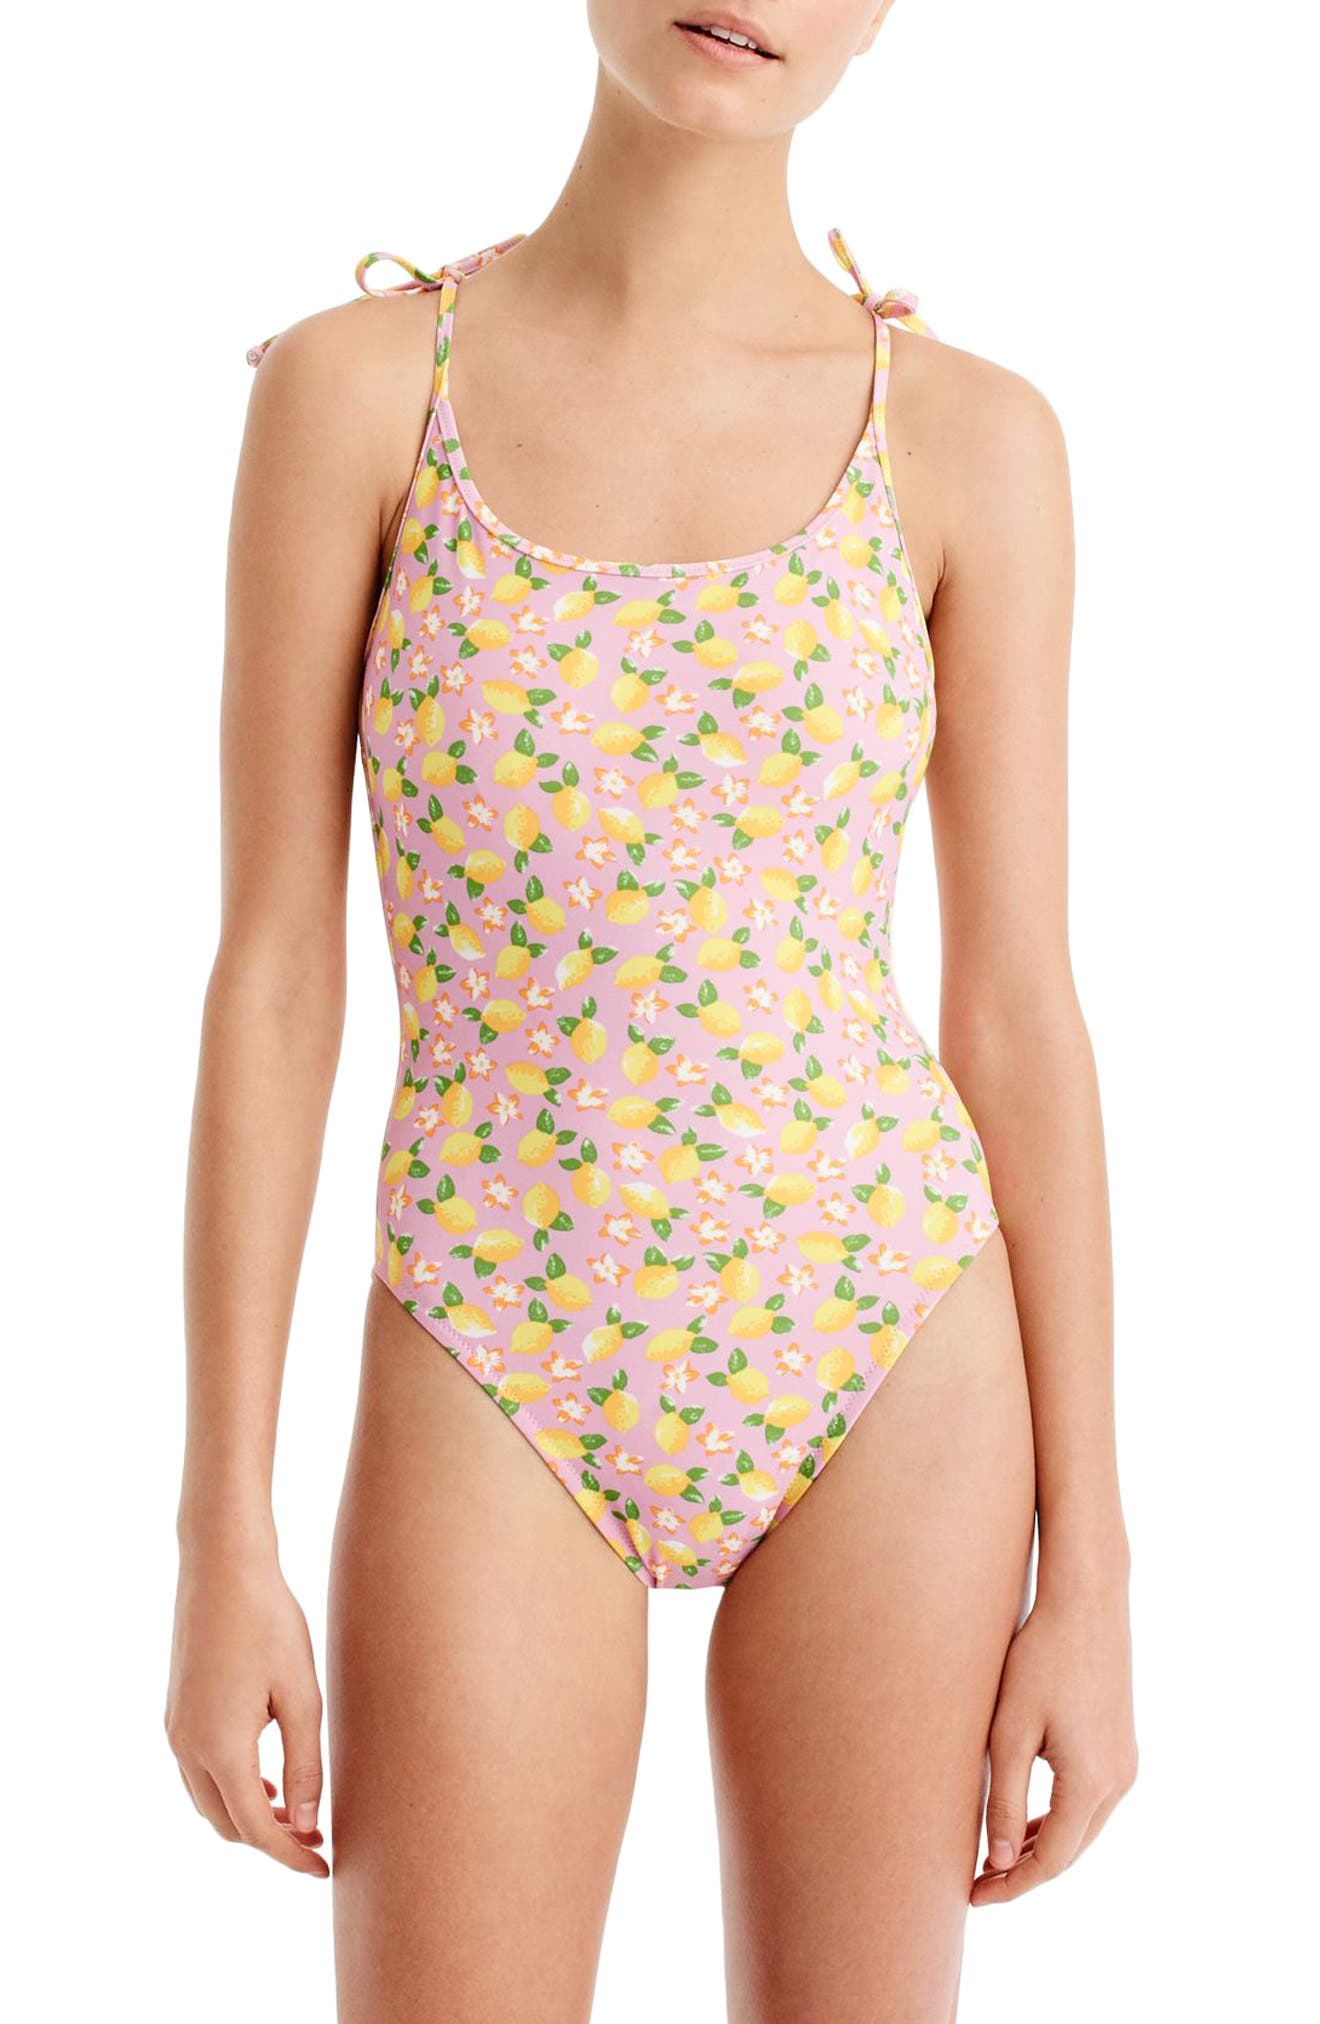 Lemon Print One-Piece Swimsuit,                             Main thumbnail 1, color,                             703